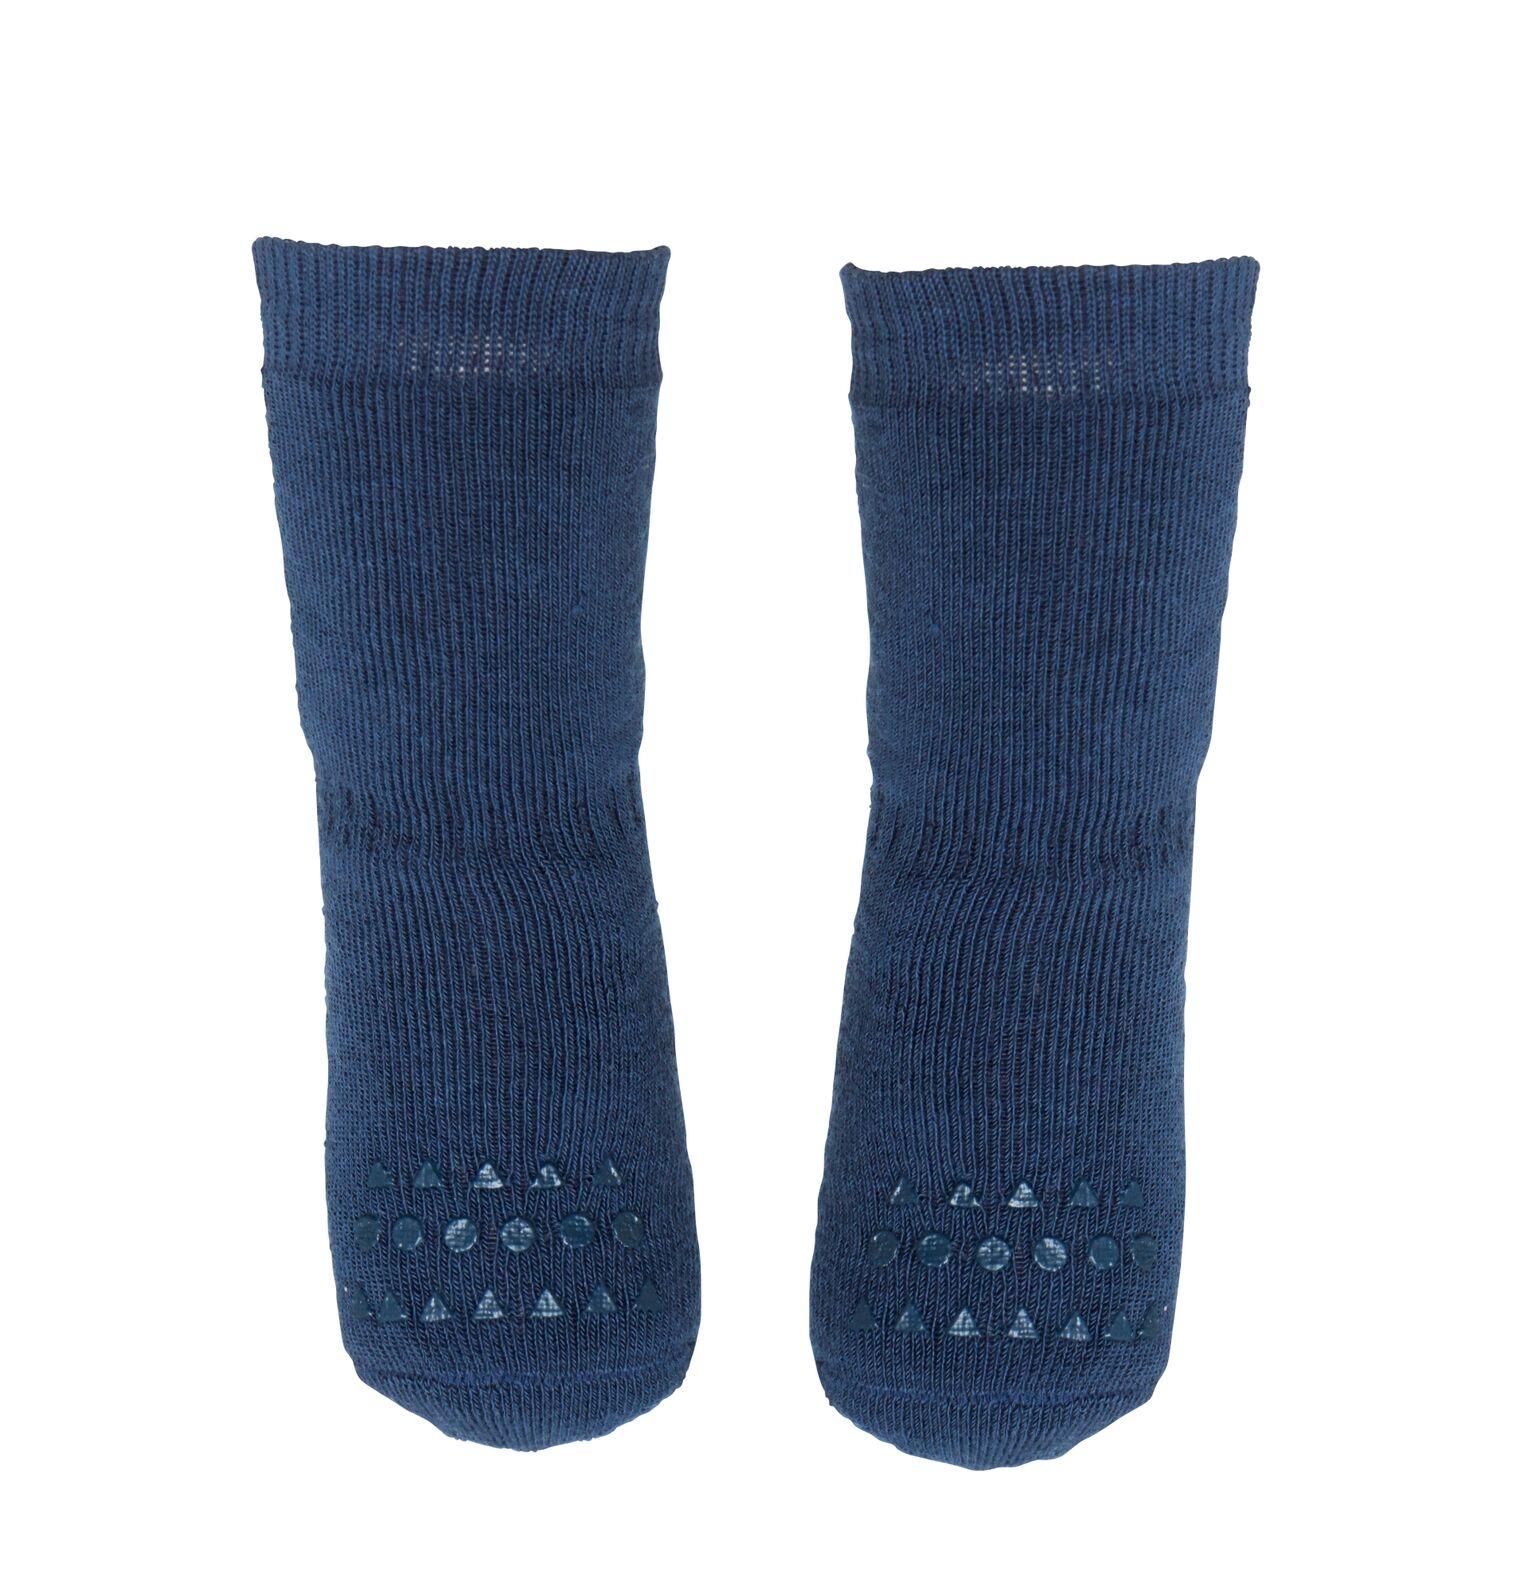 GoBabyGo Halkstrumpor 6-12 mån - Blå